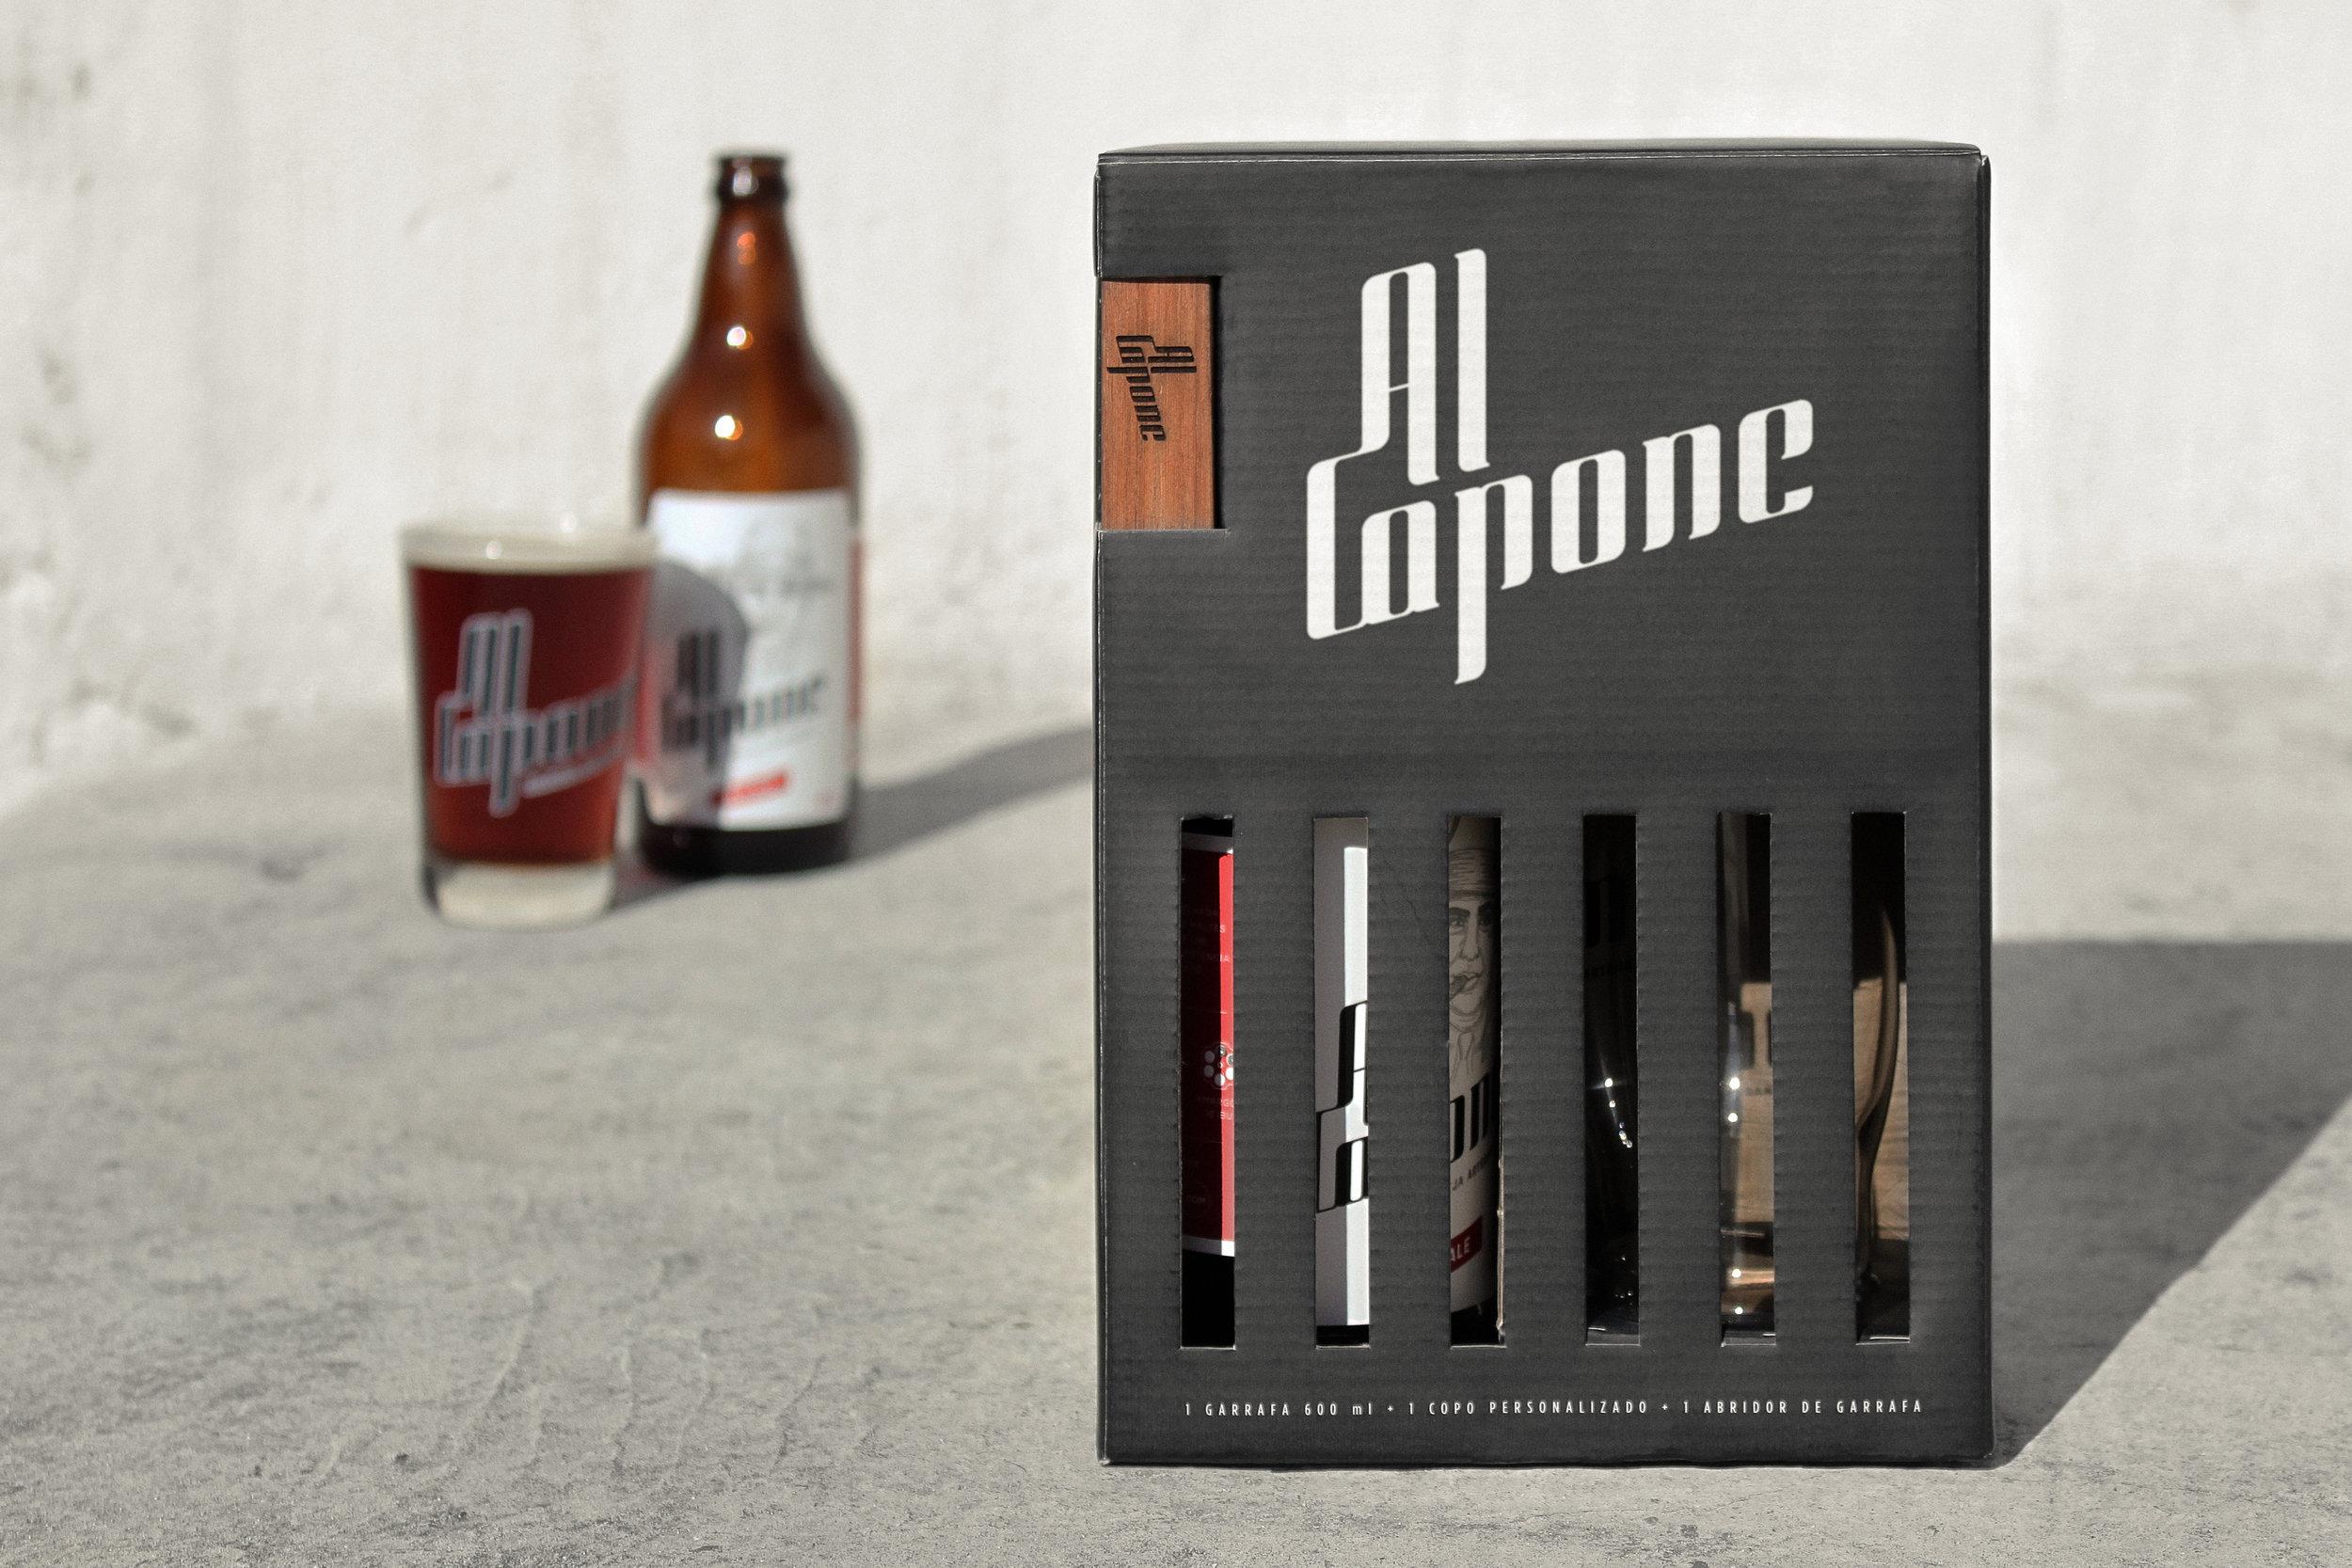 Al Capone's Prison Packaging Design